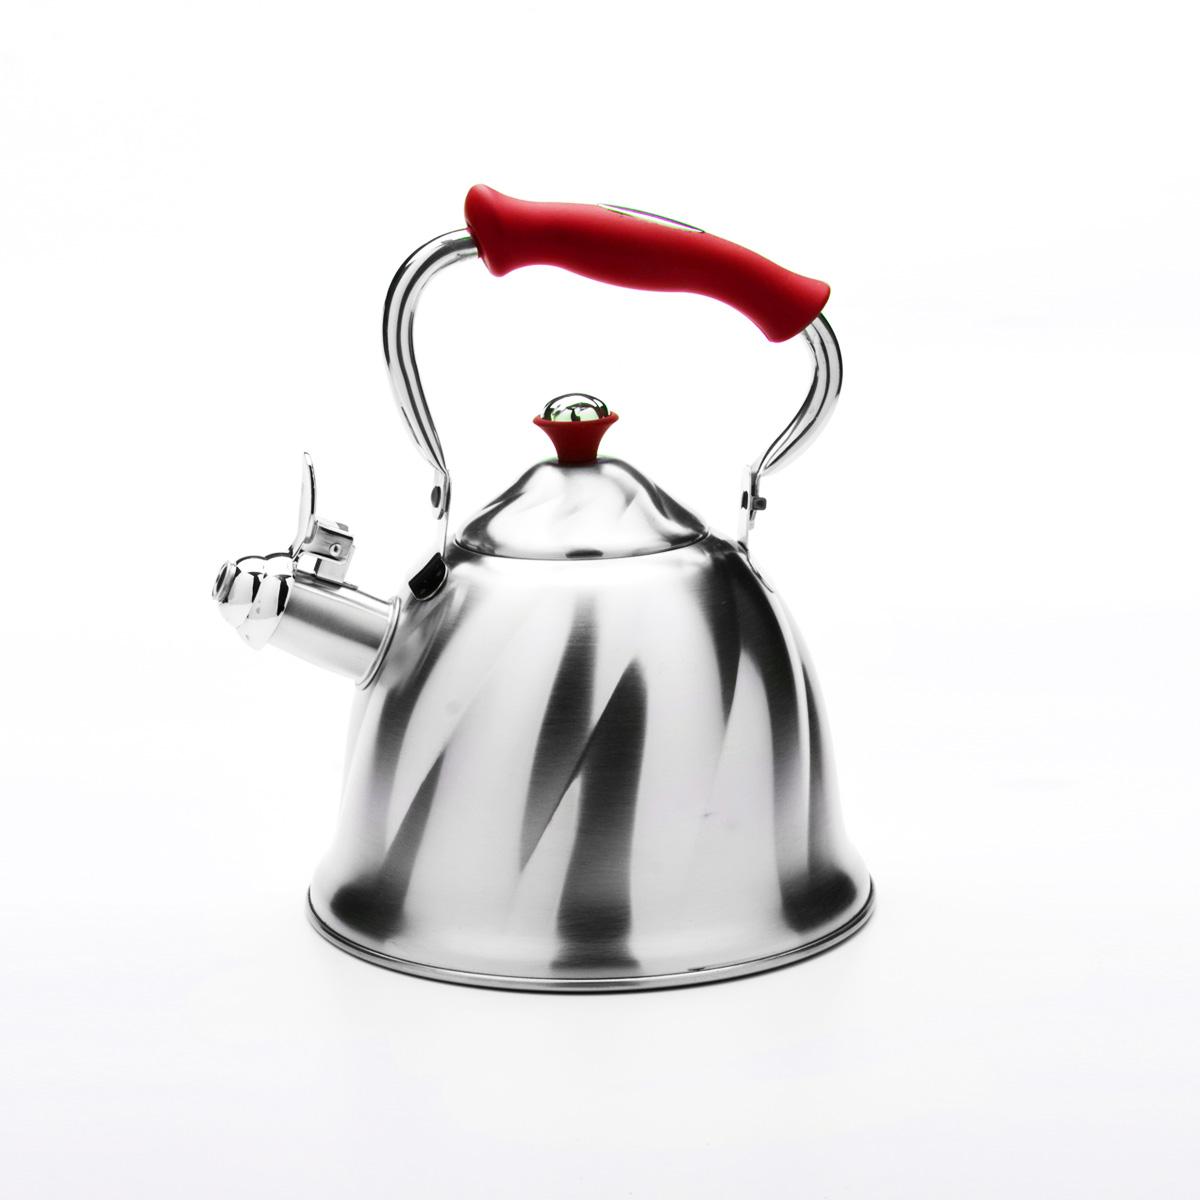 Чайник Mayer & Boch со свистком, цвет: красный, 3 л. 2377623776Чайник Mayer & Boch выполнен из высококачественной нержавеющей стали, что обеспечивает долговечность использования. Внешнее матовое покрытие придает приятный внешний вид. Фиксированная ручка из бакелита делает использование чайника очень удобным и безопасным. Чайник снабжен свистком и устройством для открывания носика. Можно мыть в посудомоечной машине. Пригоден для всех видов плит, кроме индукционных.